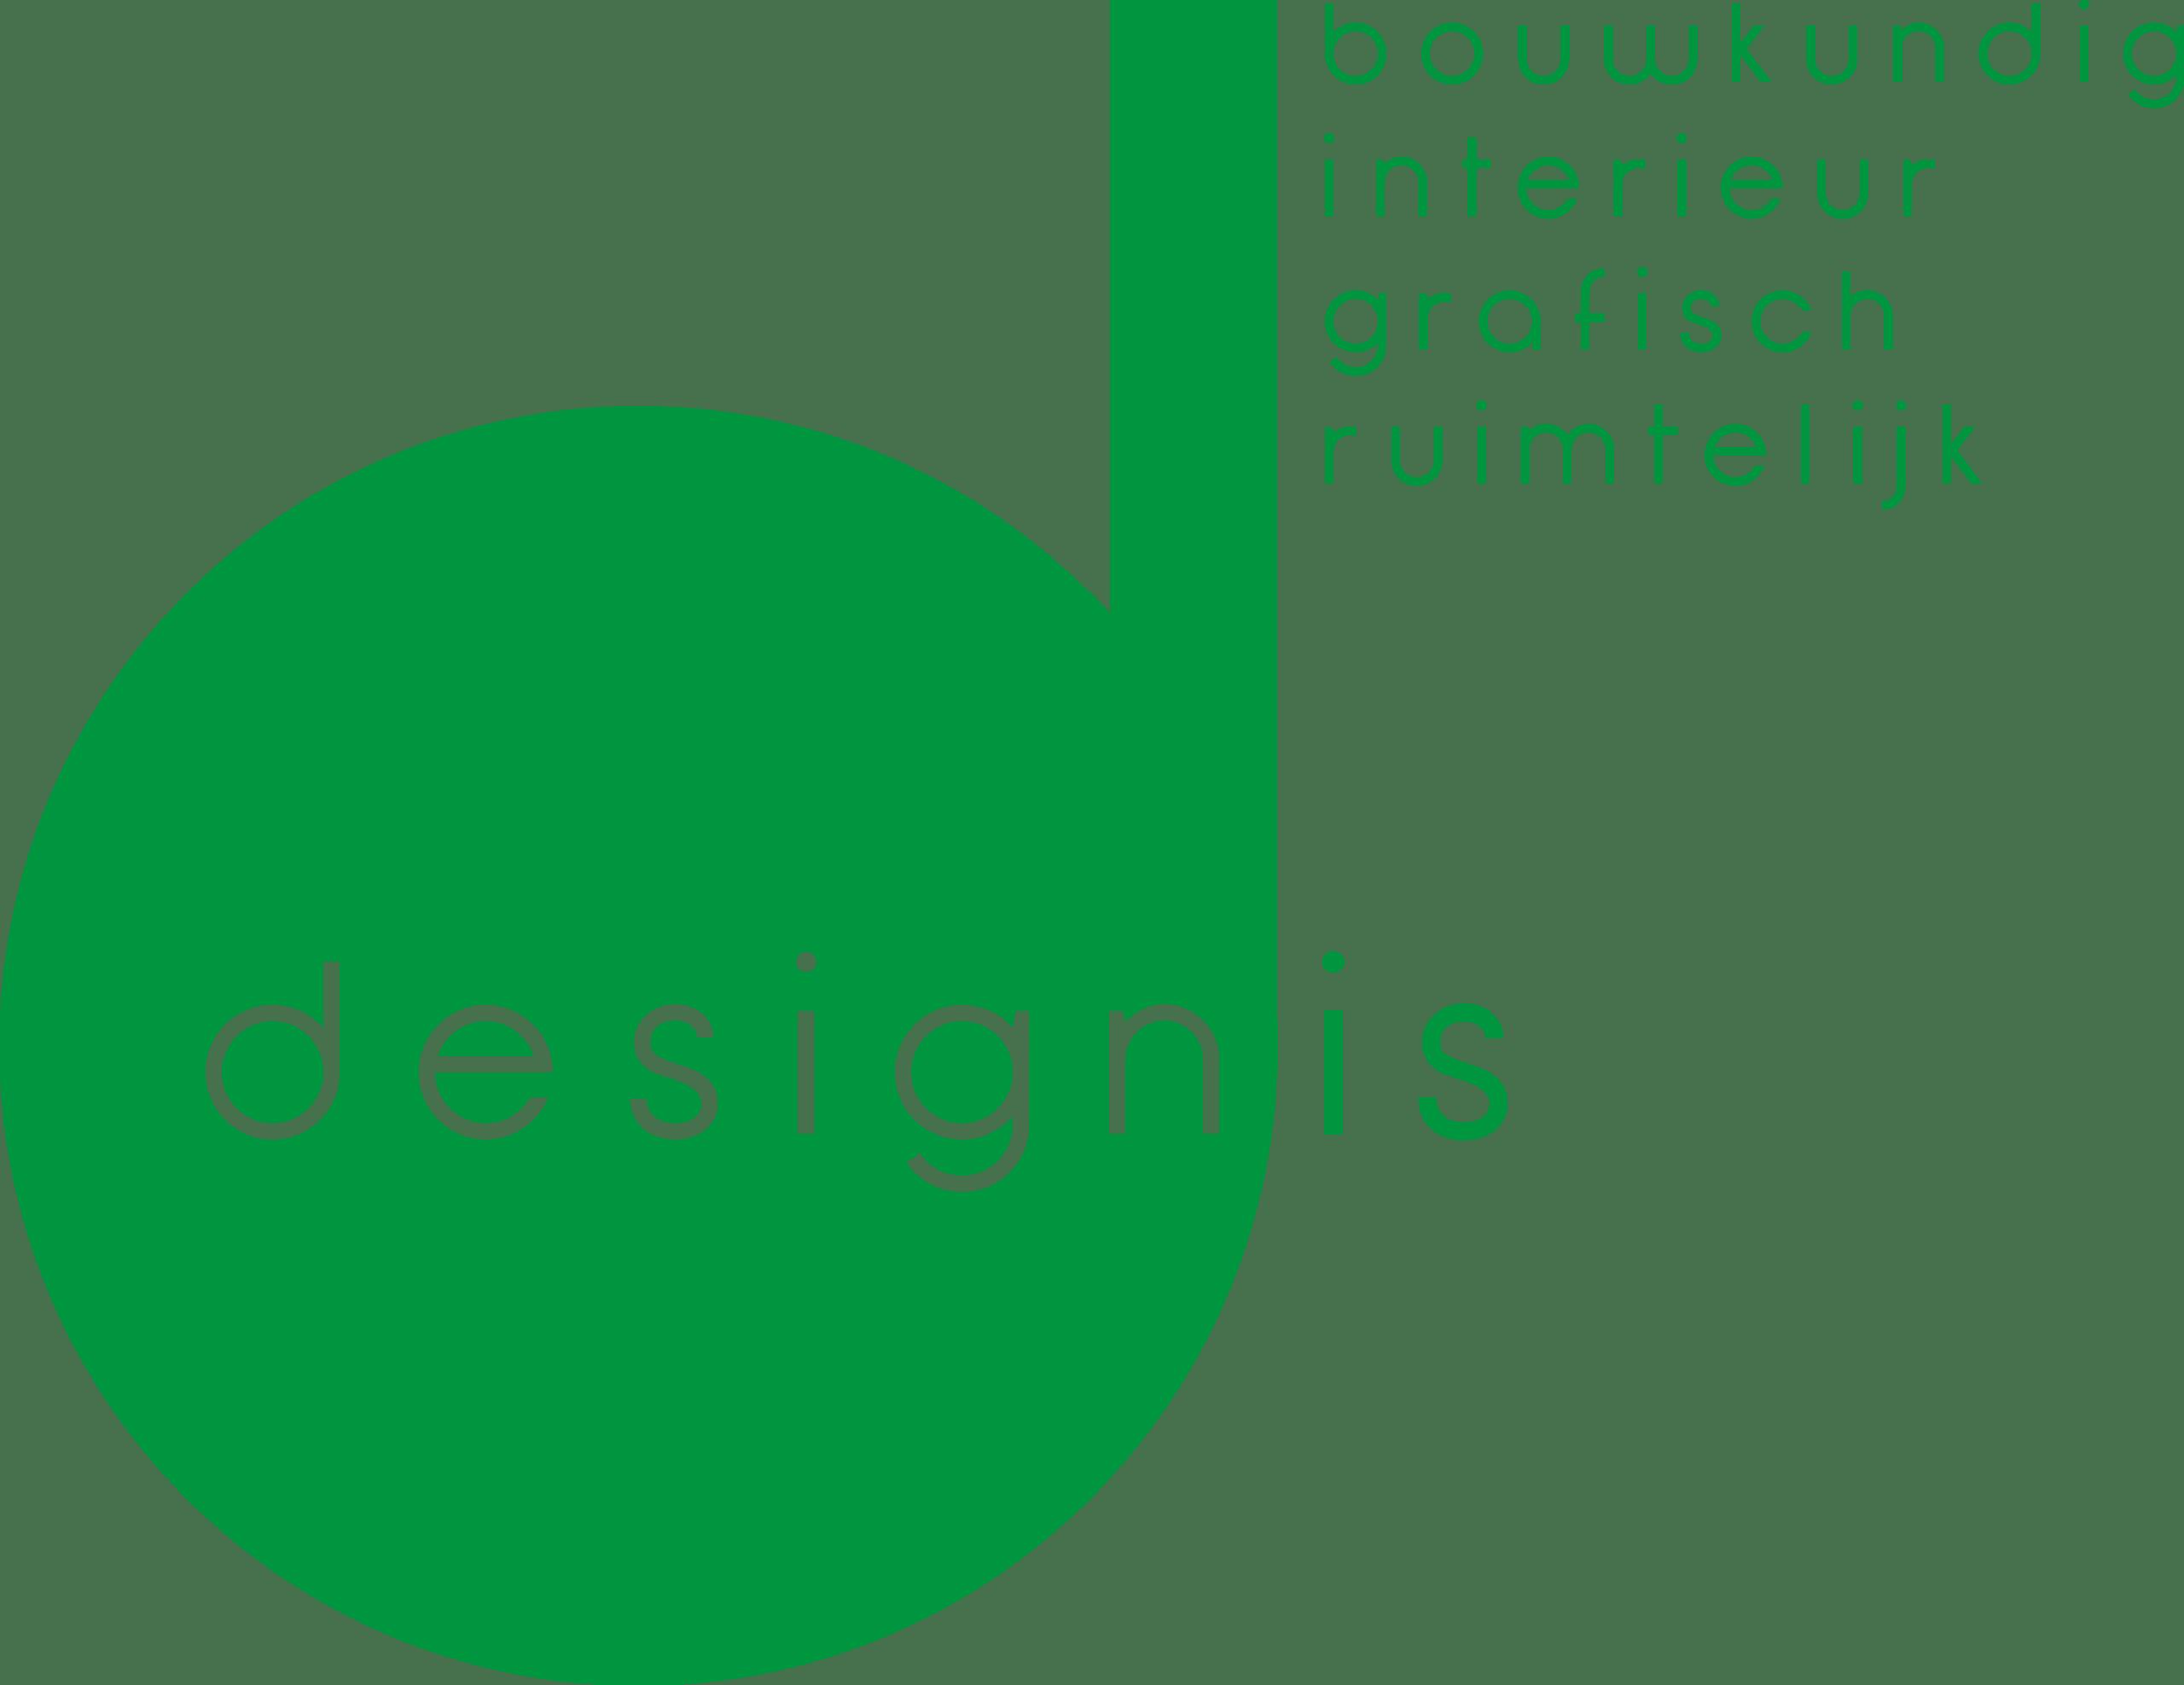 Logo Designis